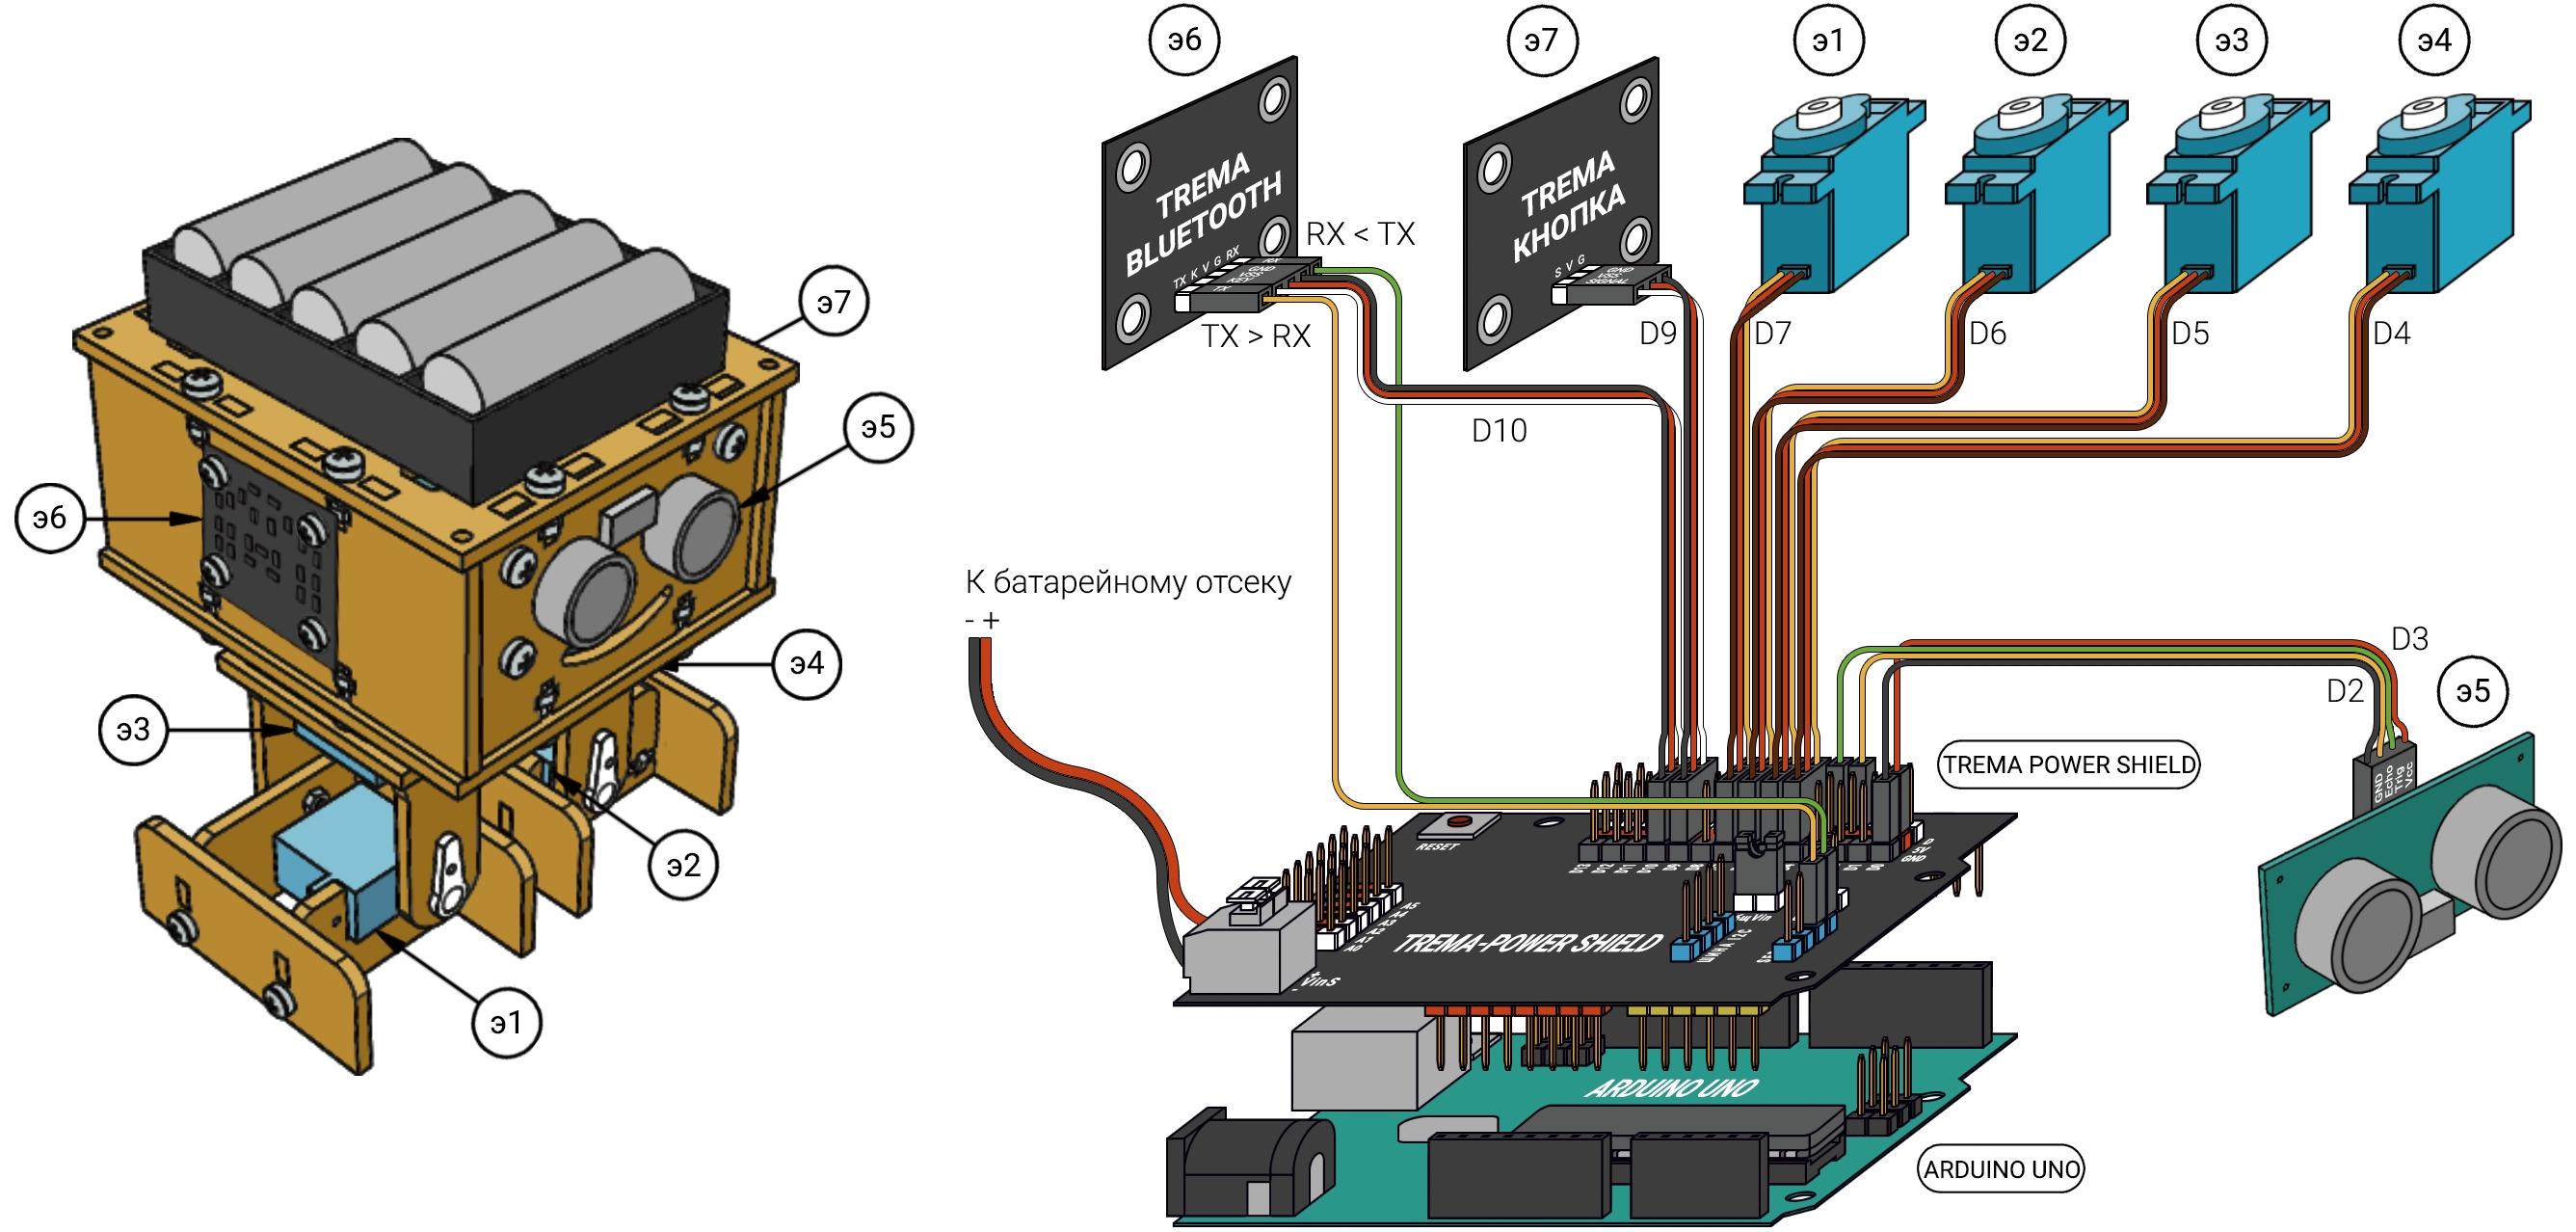 Сборка робота для управления по bluetooth